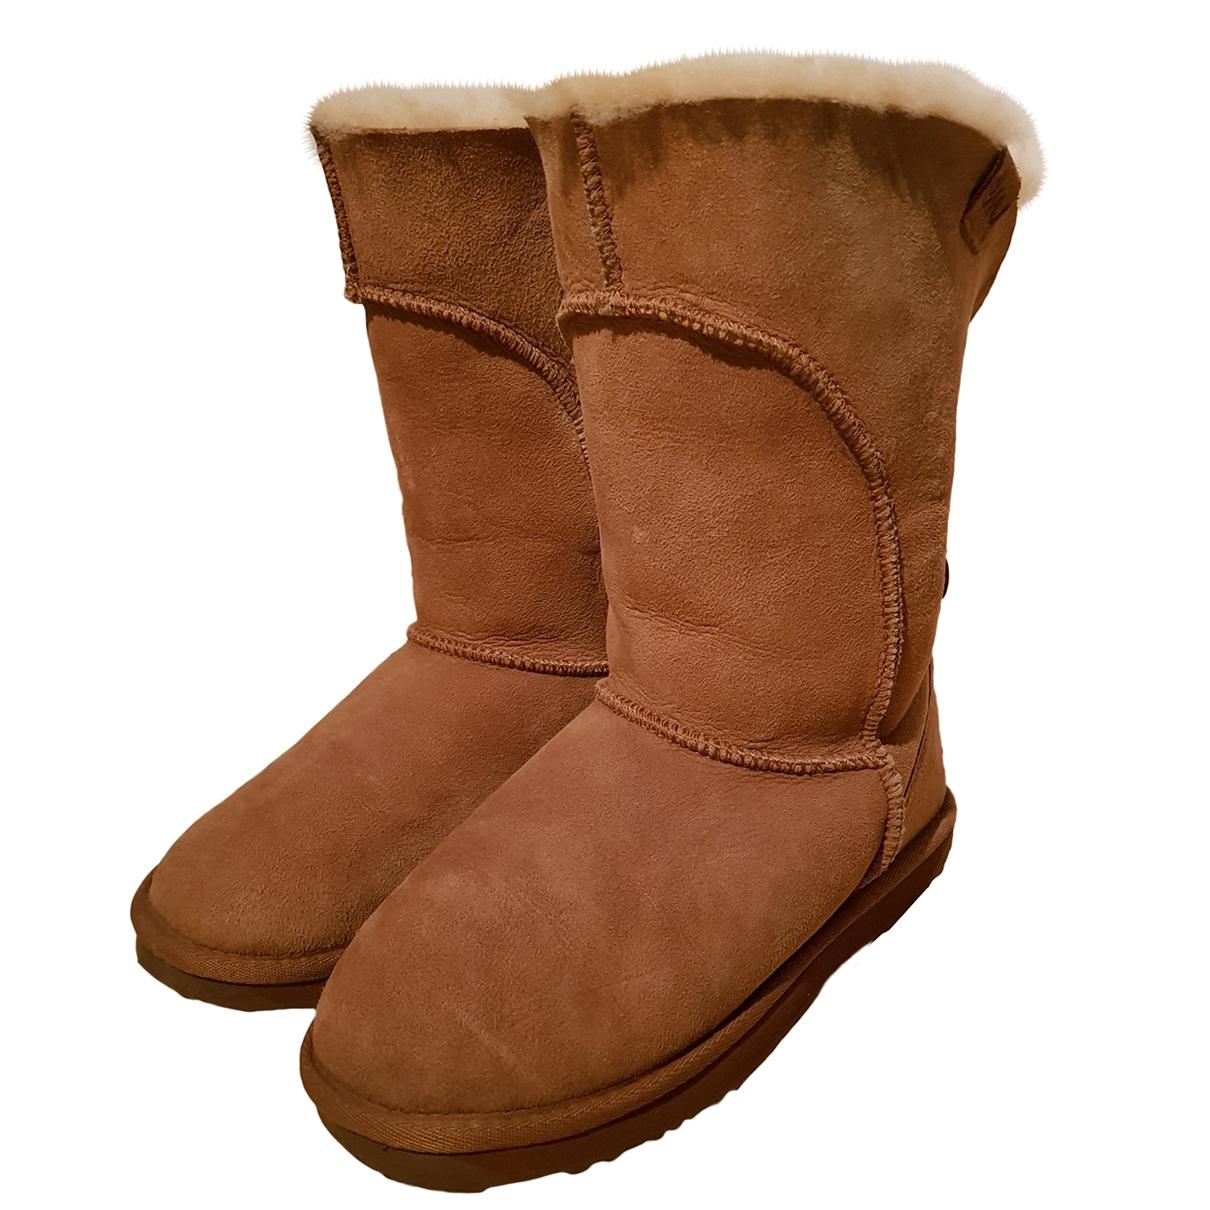 Emu Australia - Boots   pour femme en mouton - beige